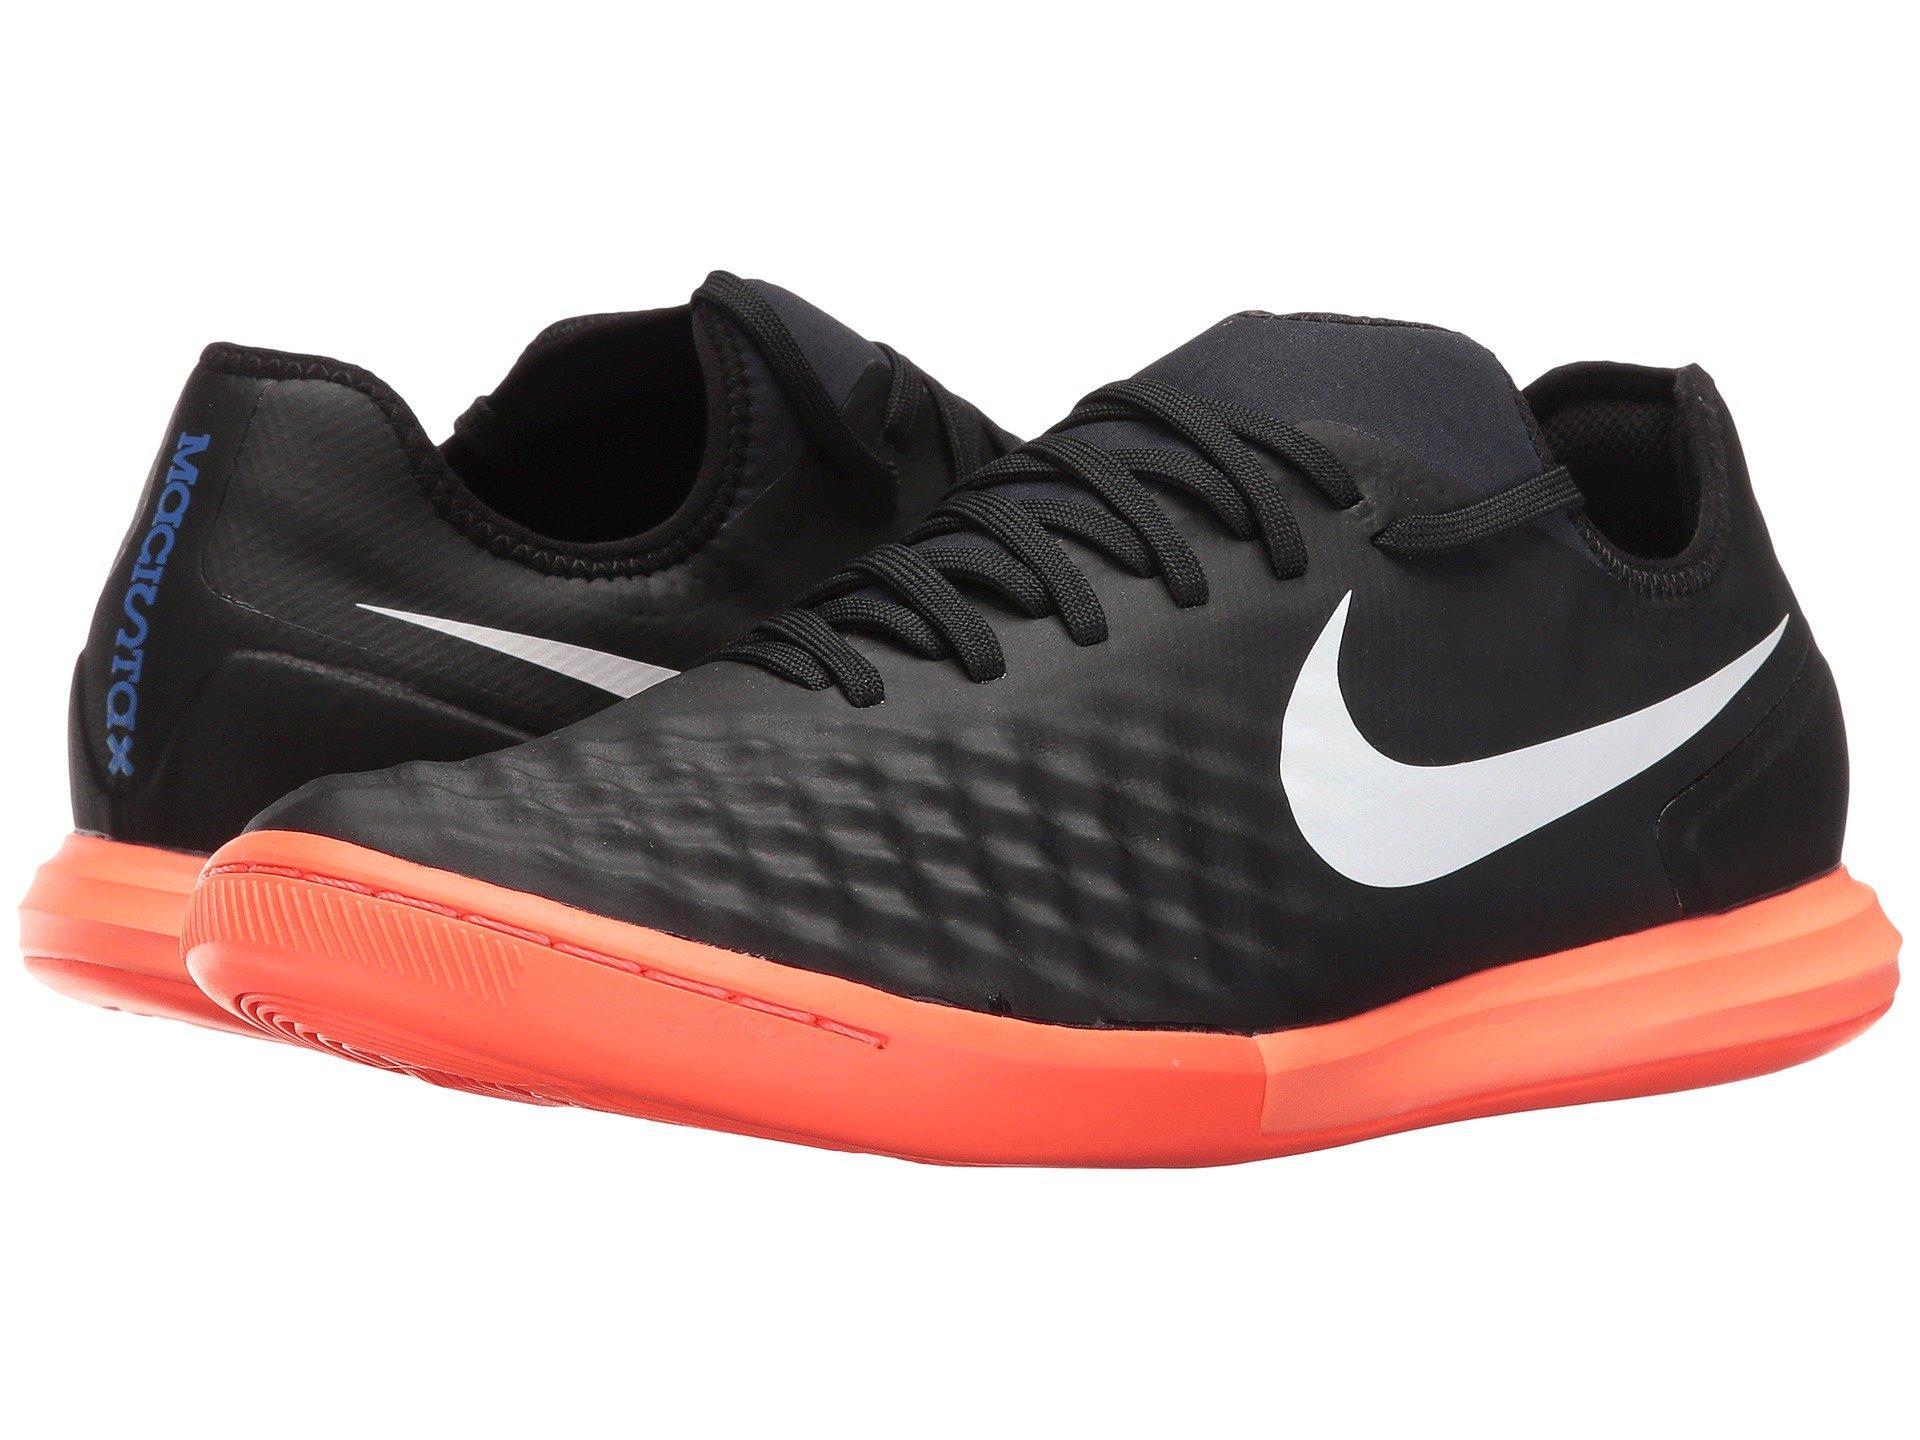 b9de52f46077 Nike Magistax Finale Ii Ic In Black White Hyper Orange Paramount Blue